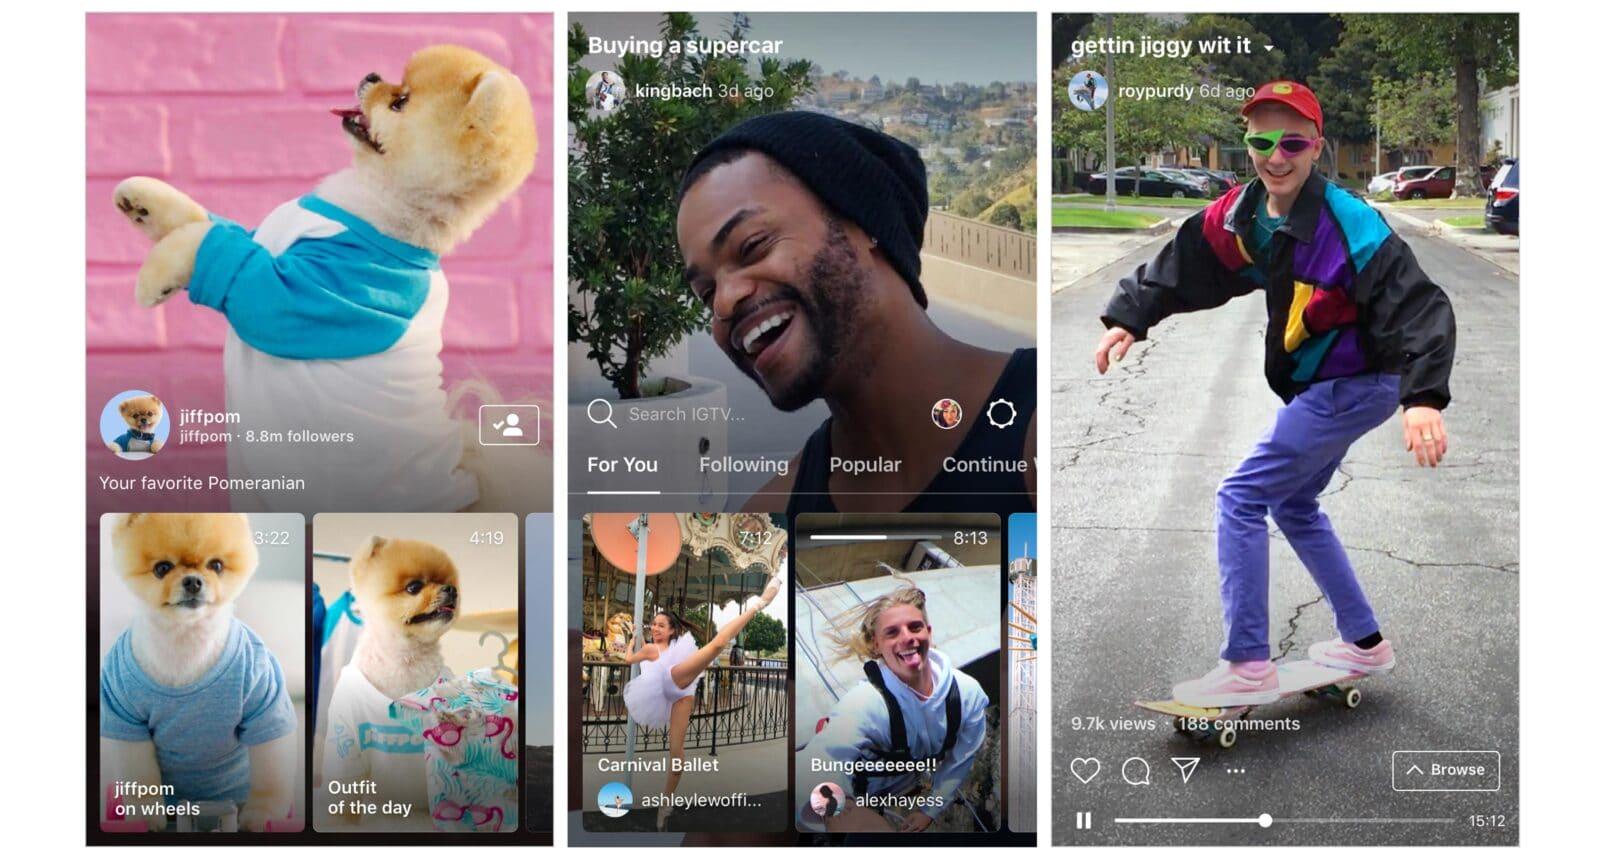 แบรนด์, คนดัง ใช้ IGTV ทำอะไรบ้าง หลัง Instagram เปิดตัวฟีเจอร์วิดีโอยาวแนวตั้ง